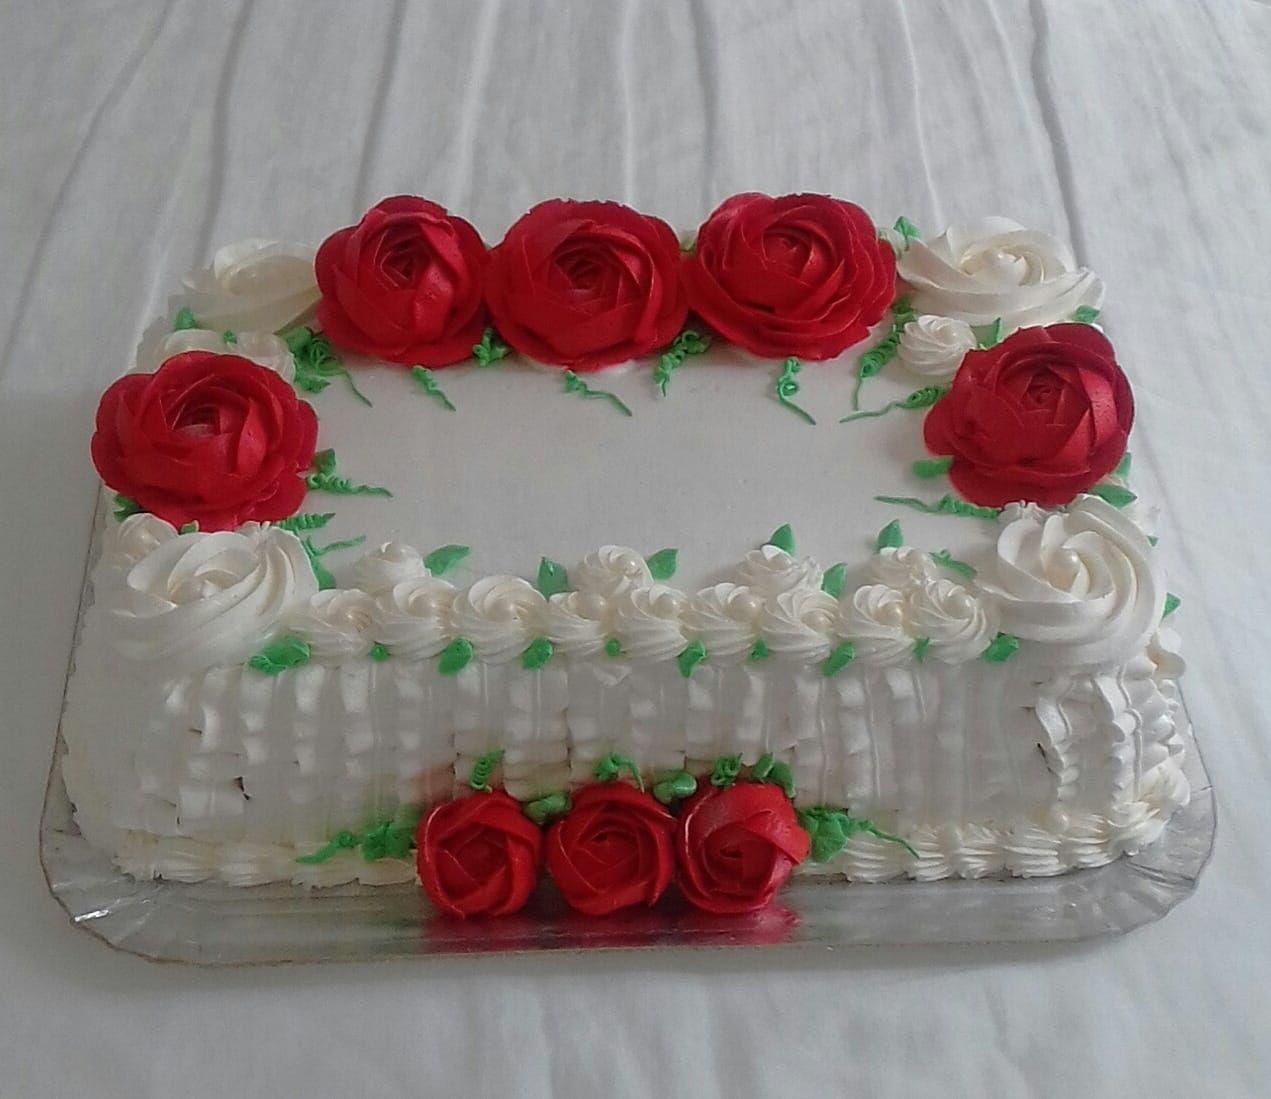 Bolo Com Rosas Vermelhas Bolo Com Rosetas Chantininho Bolo Rosa